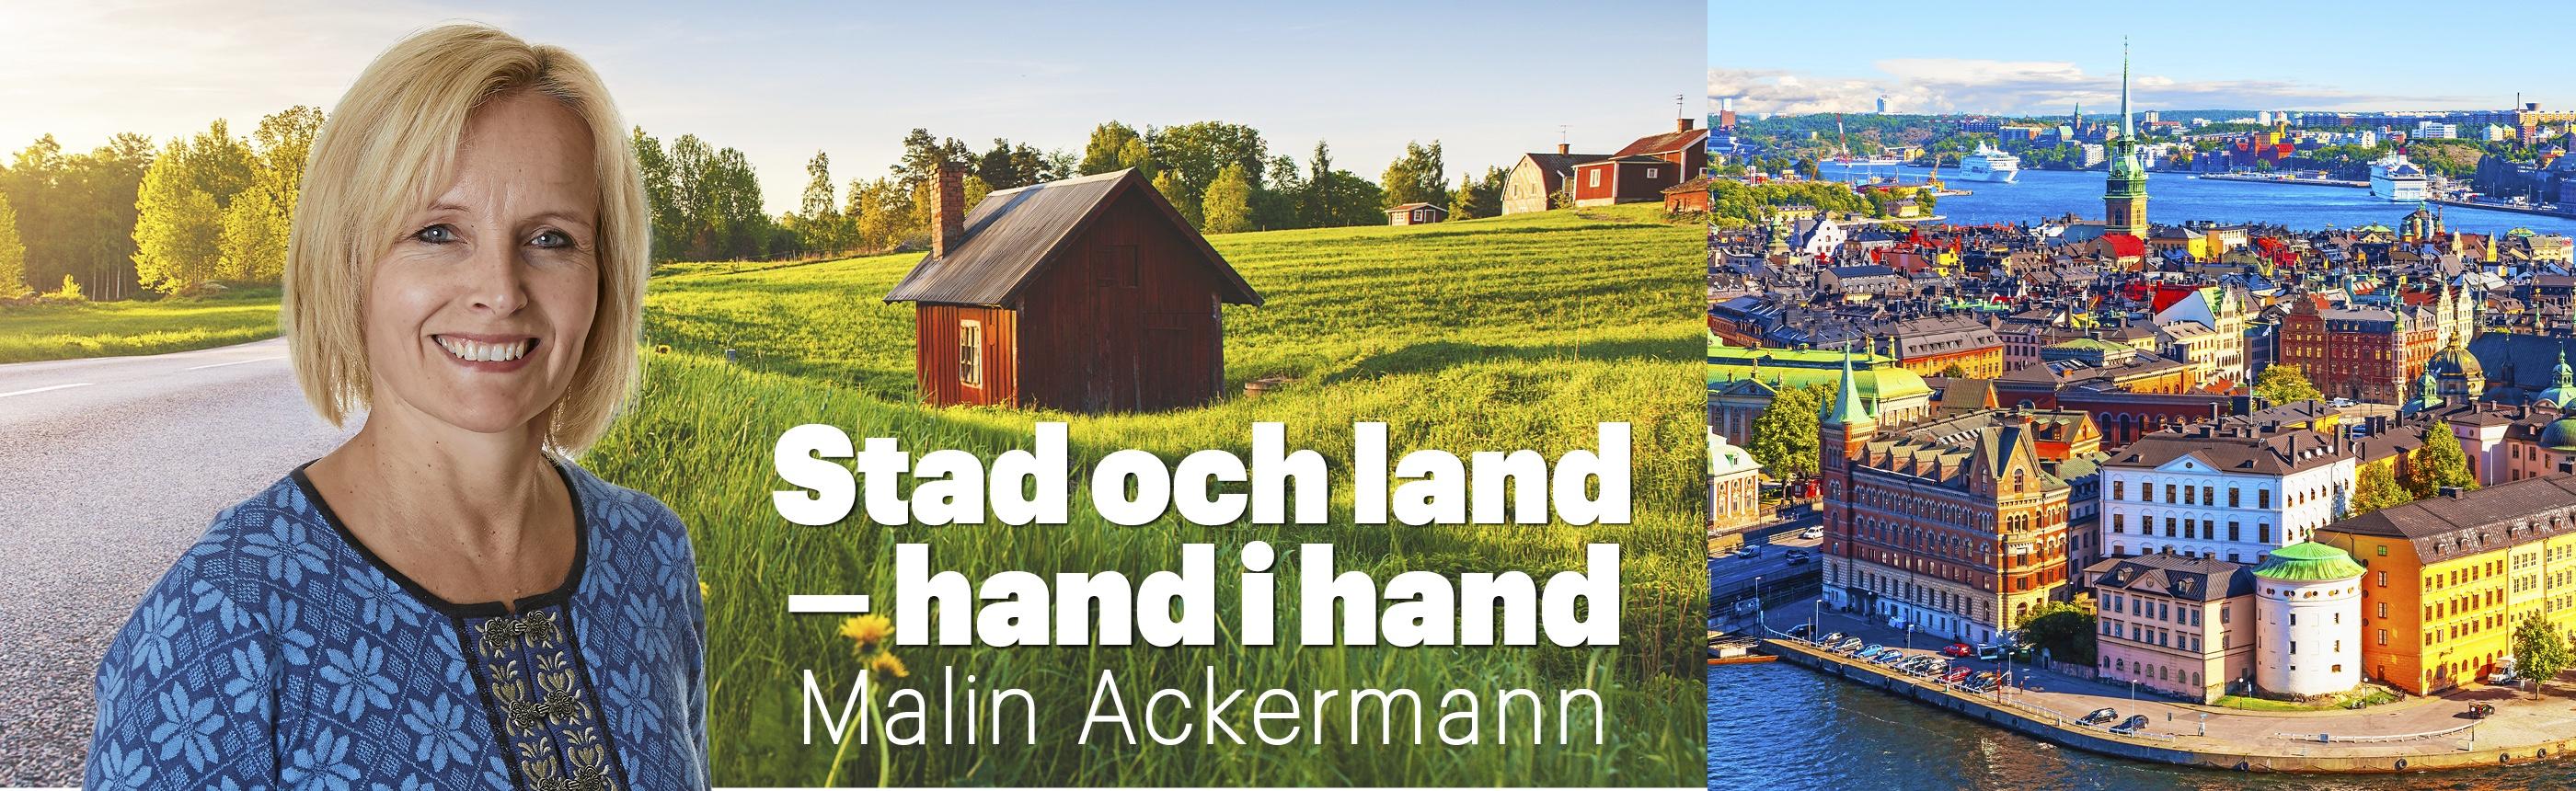 Malin Ackermann blogg